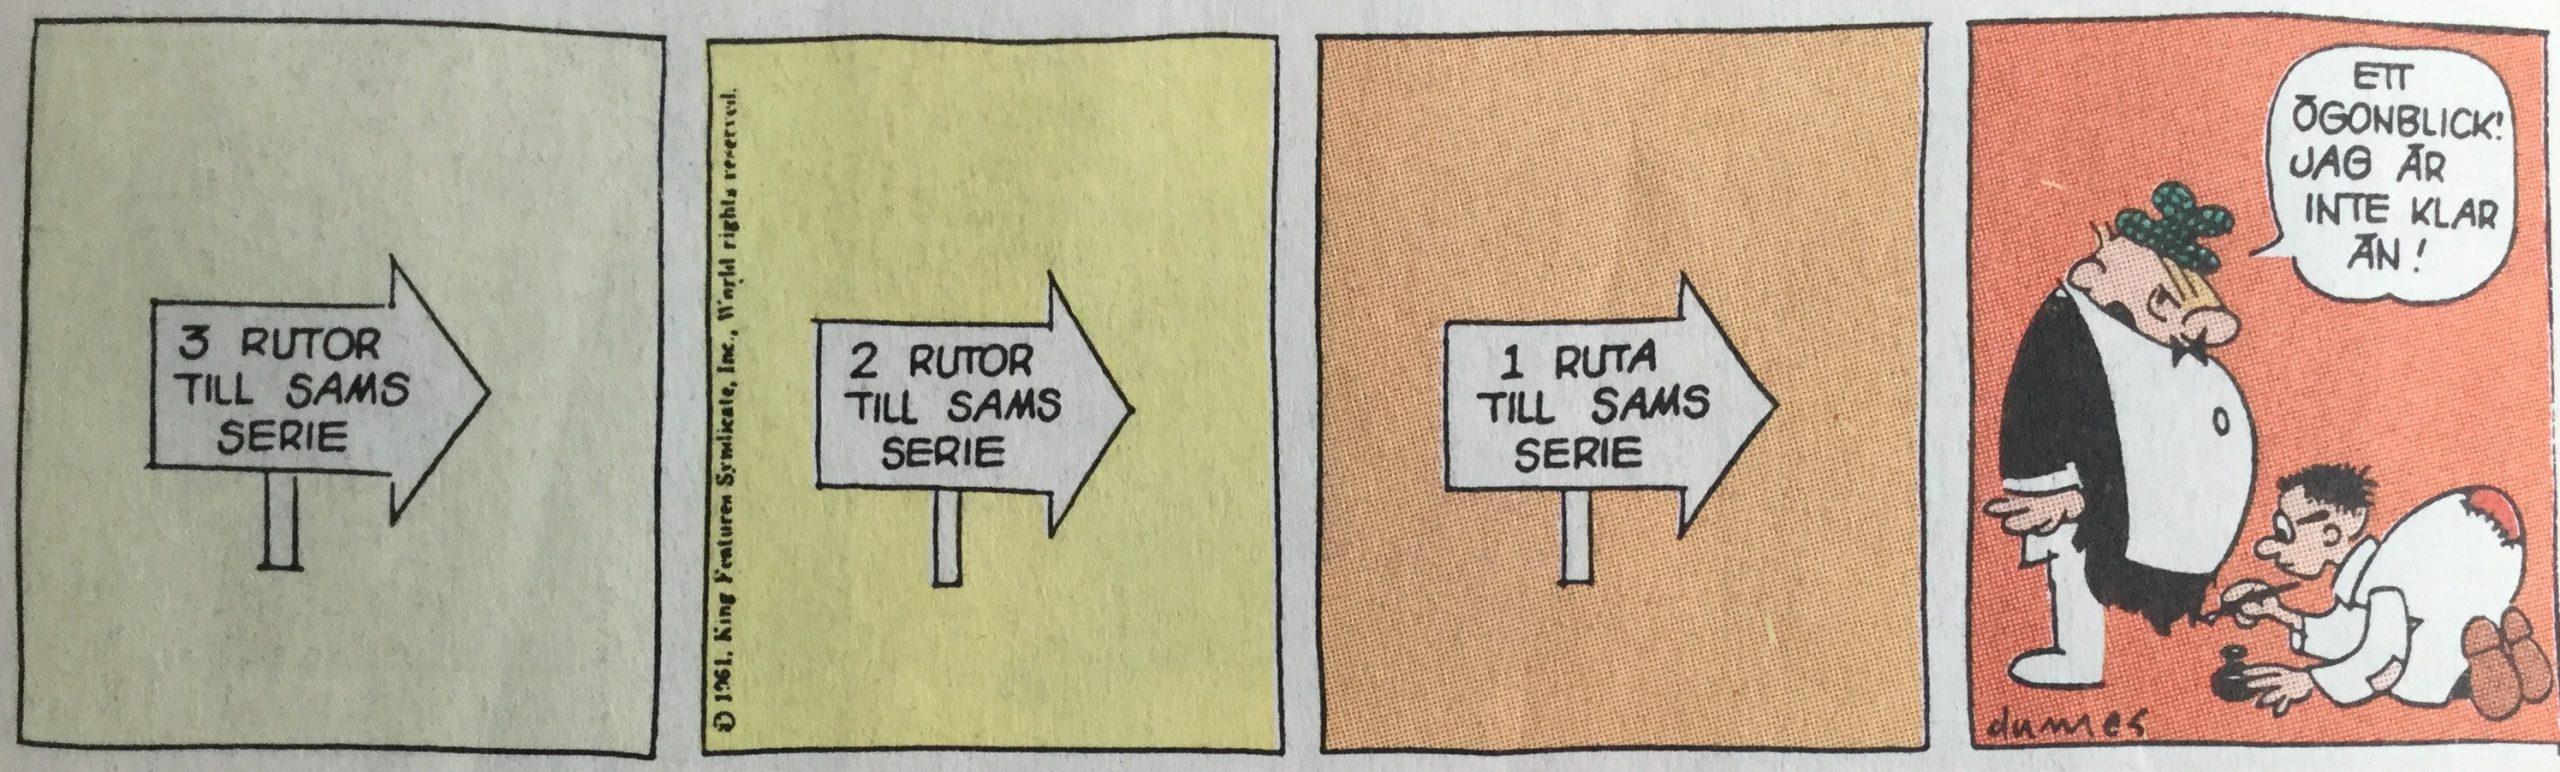 Första strippen av Sam's strip från 16 oktober, 1961. ©Bulls